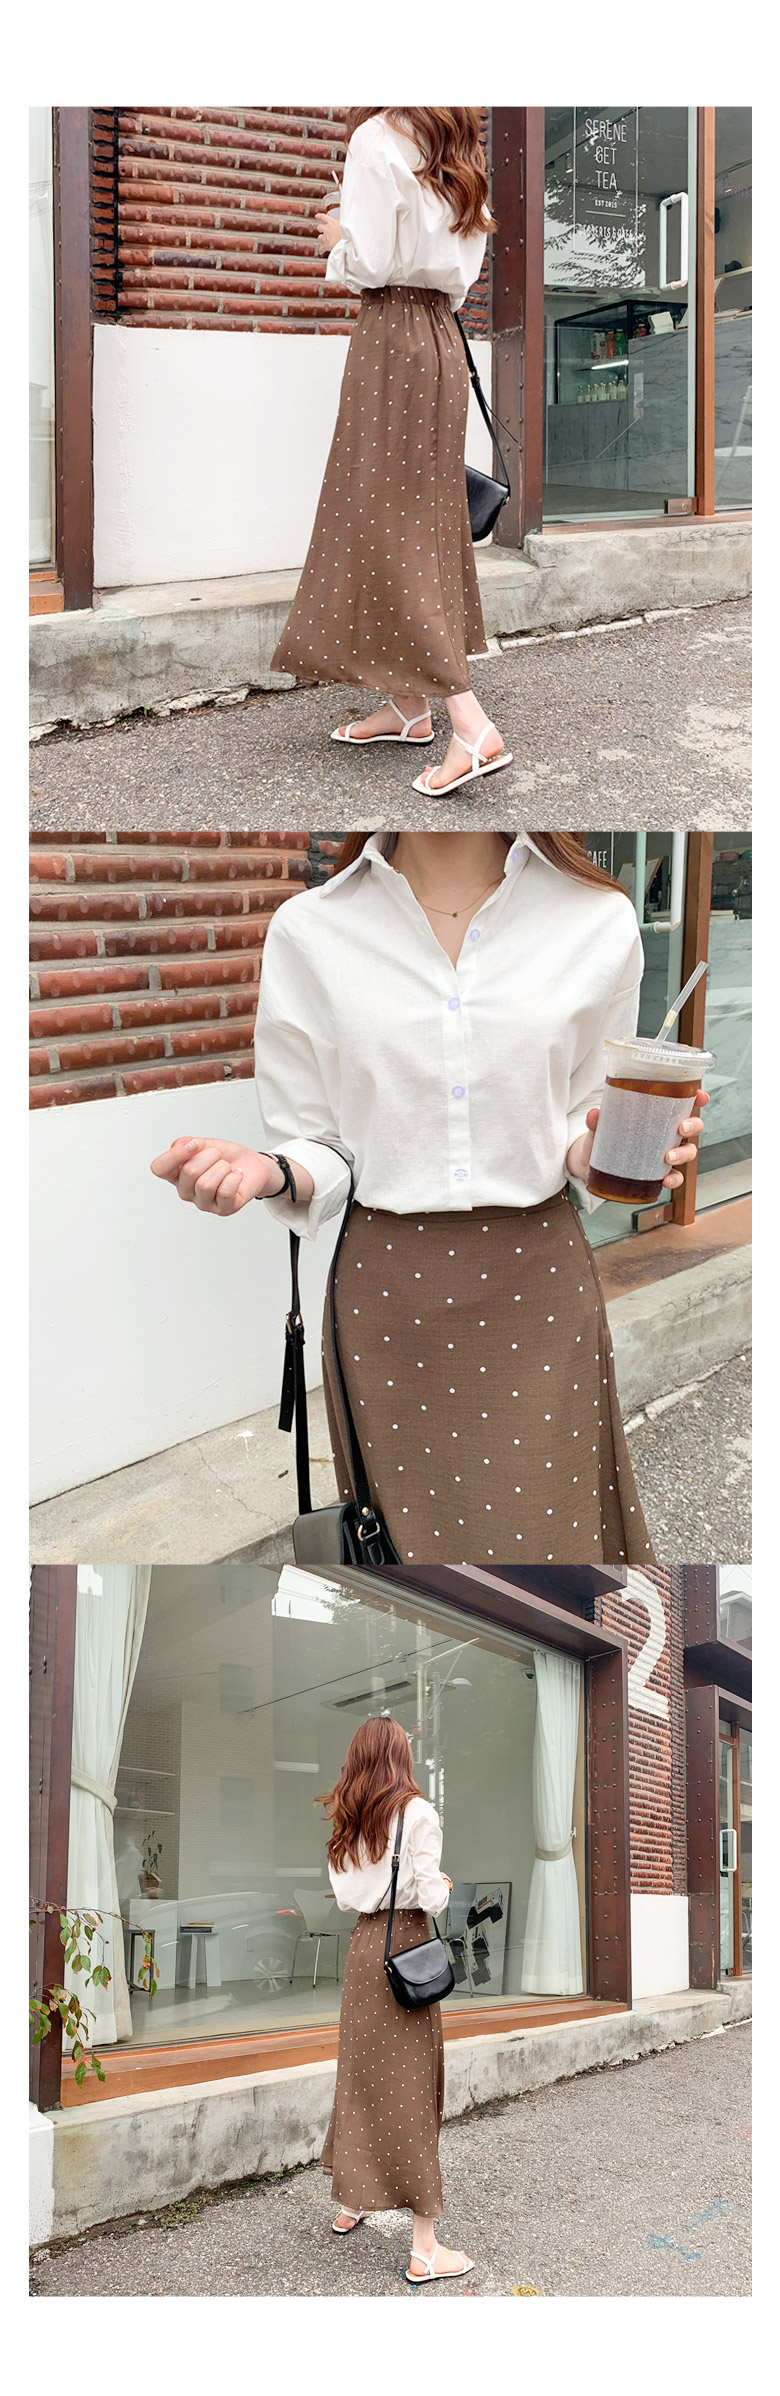 Embroidered linen shirt